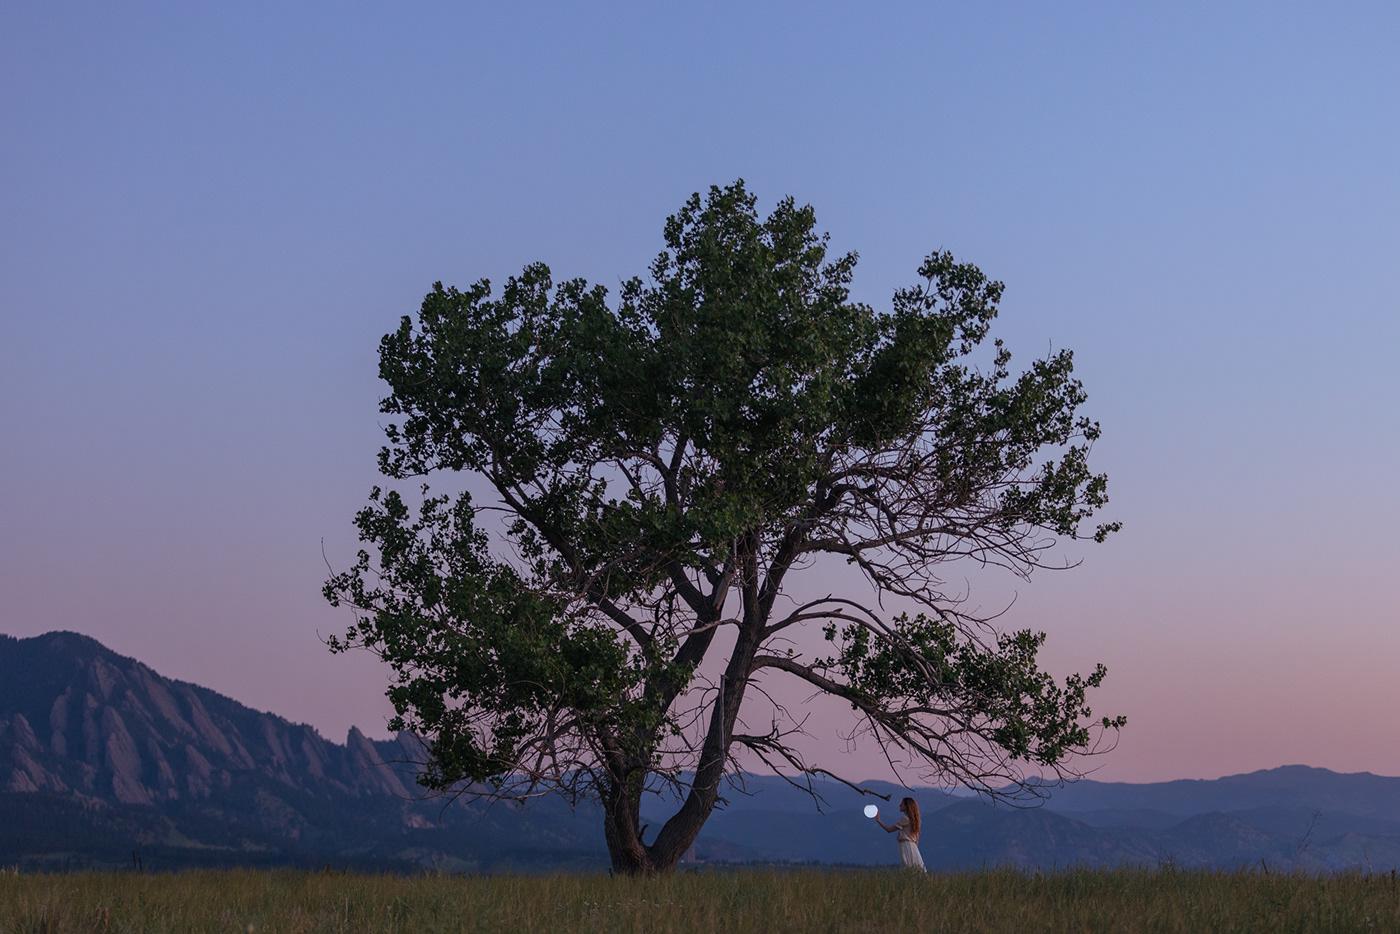 blue hour Colorado fine art photography Lamp Landscape light mountains Photography  self portraiture surrealism